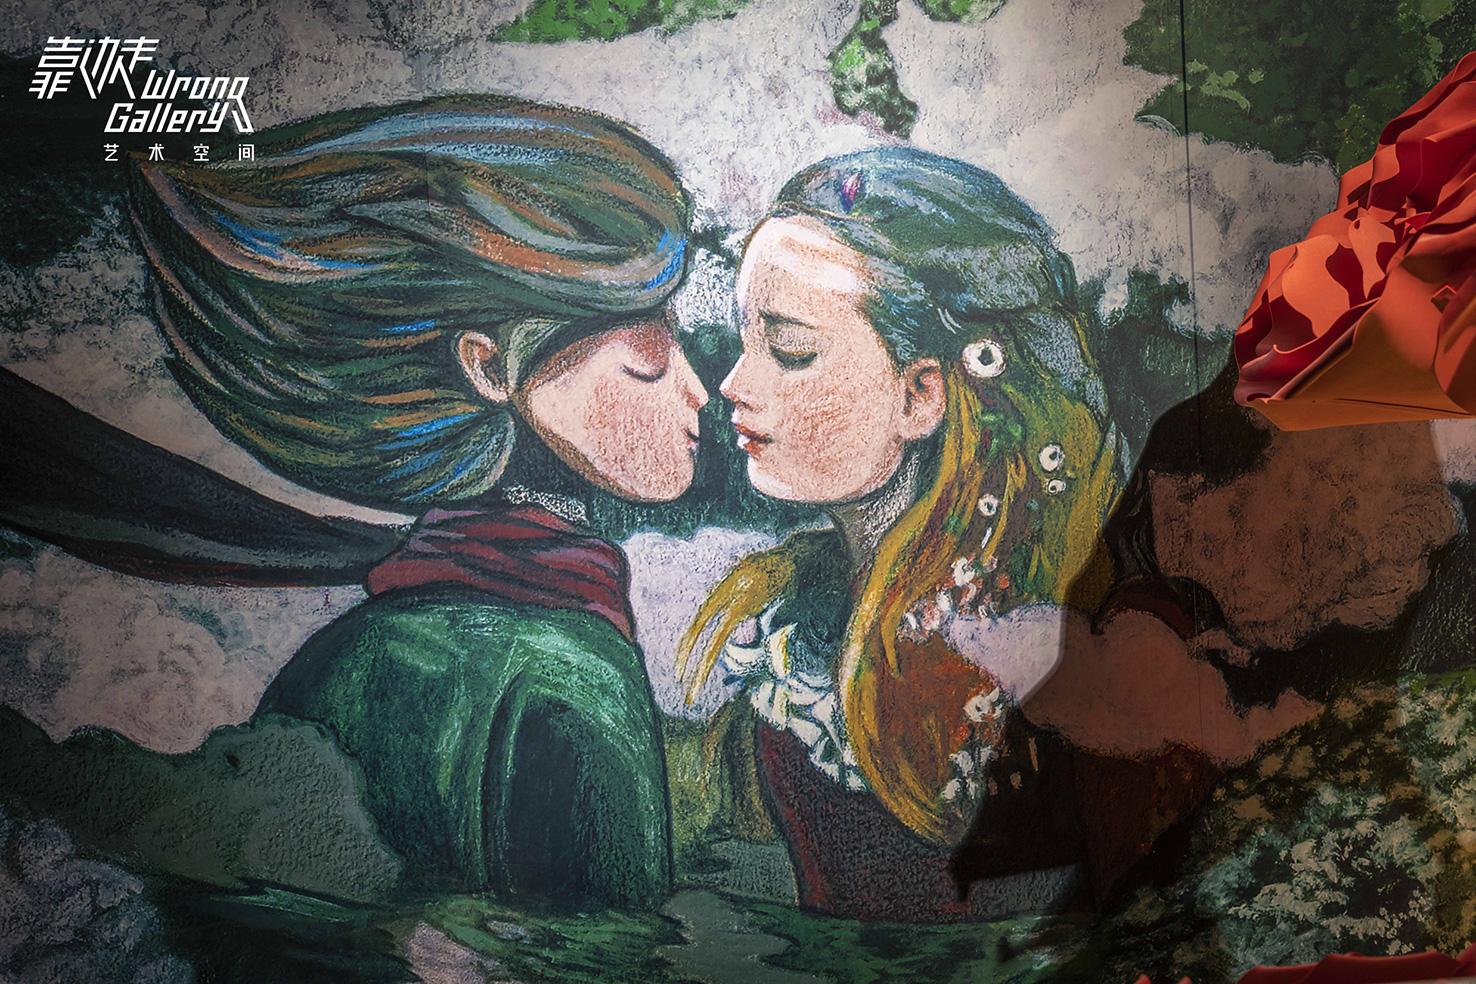 小王子75周年新版绘本画展:爱与光的未来